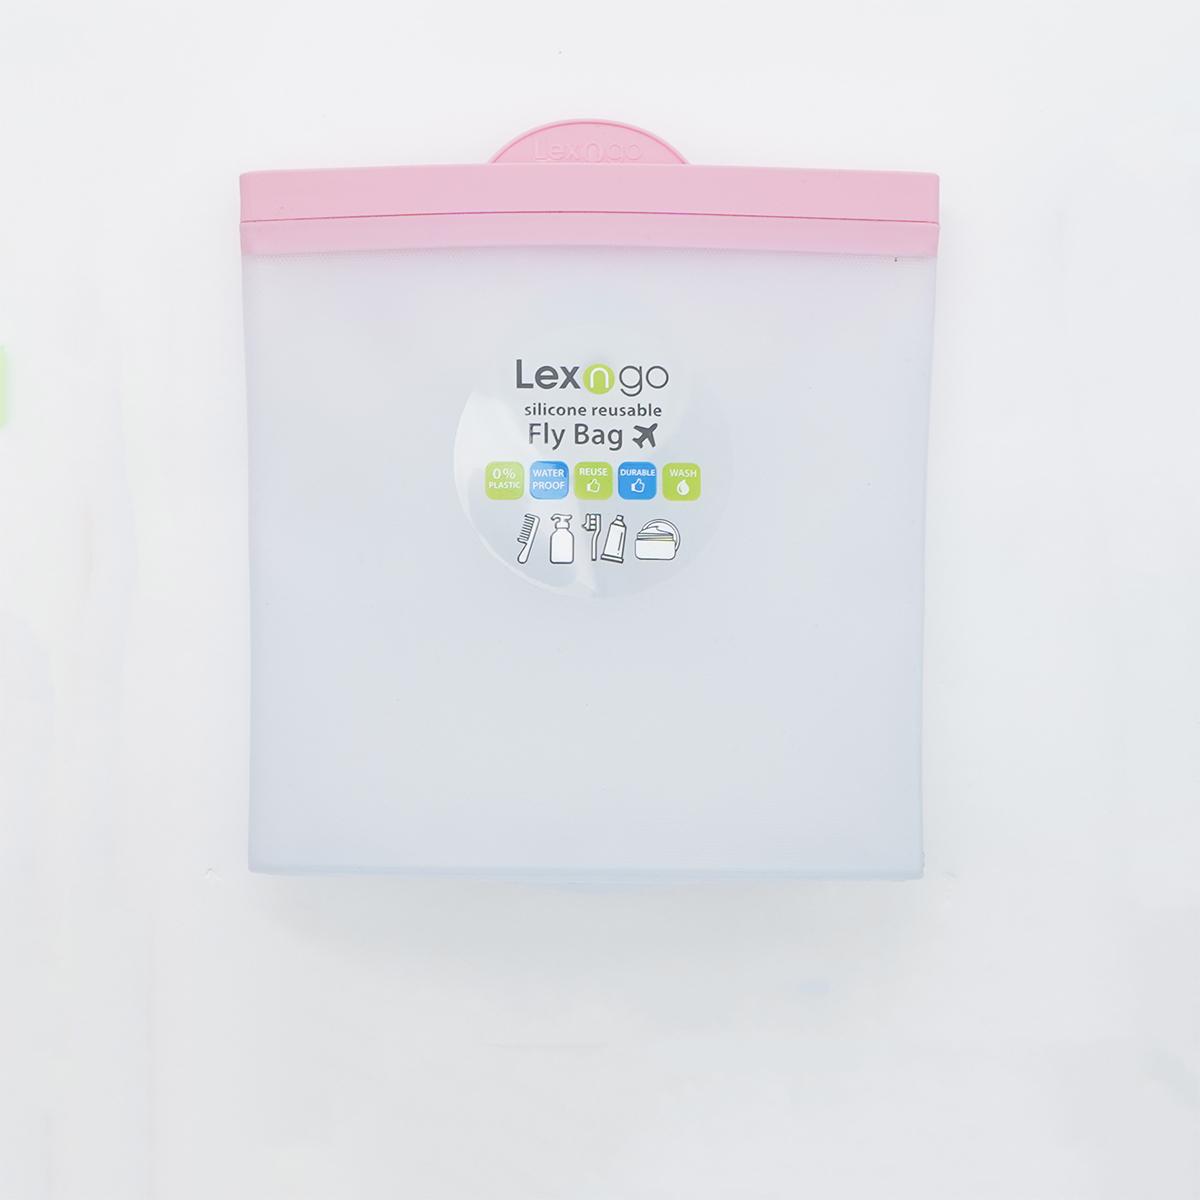 Lexngo矽膠儲物袋(小)